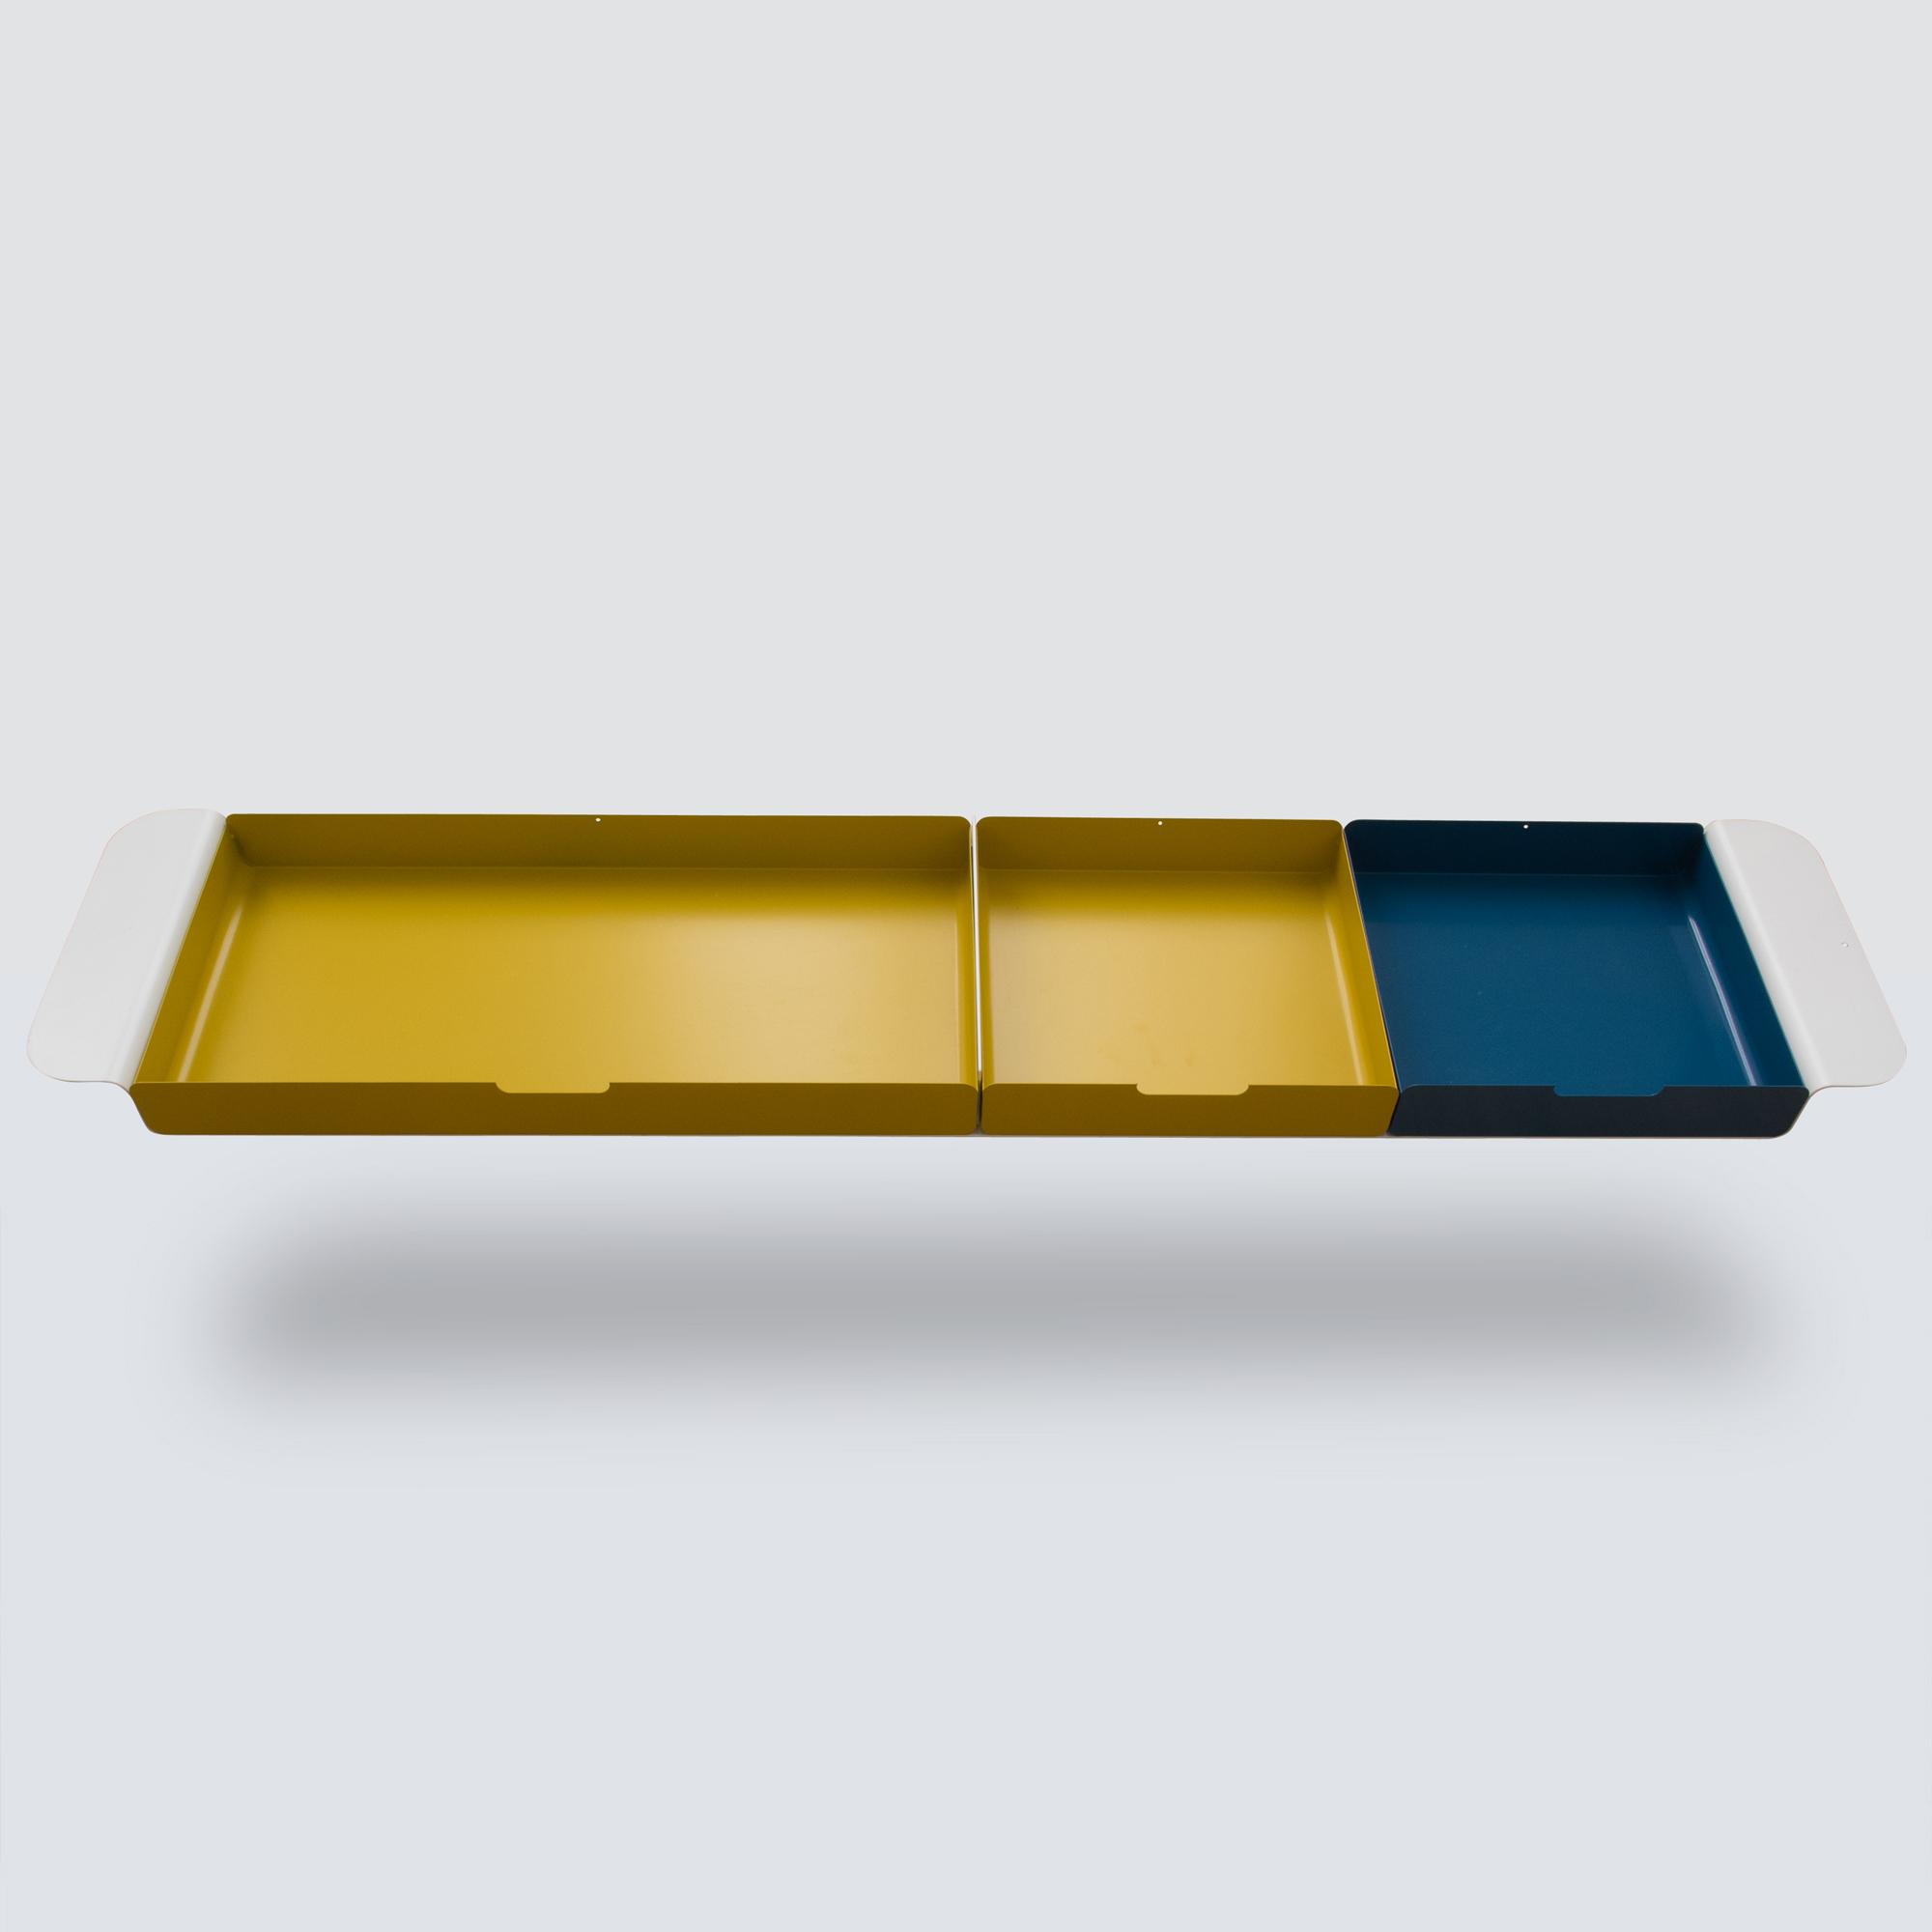 module de rangement wave et tiroirs - pour créer un bureau tiptoe